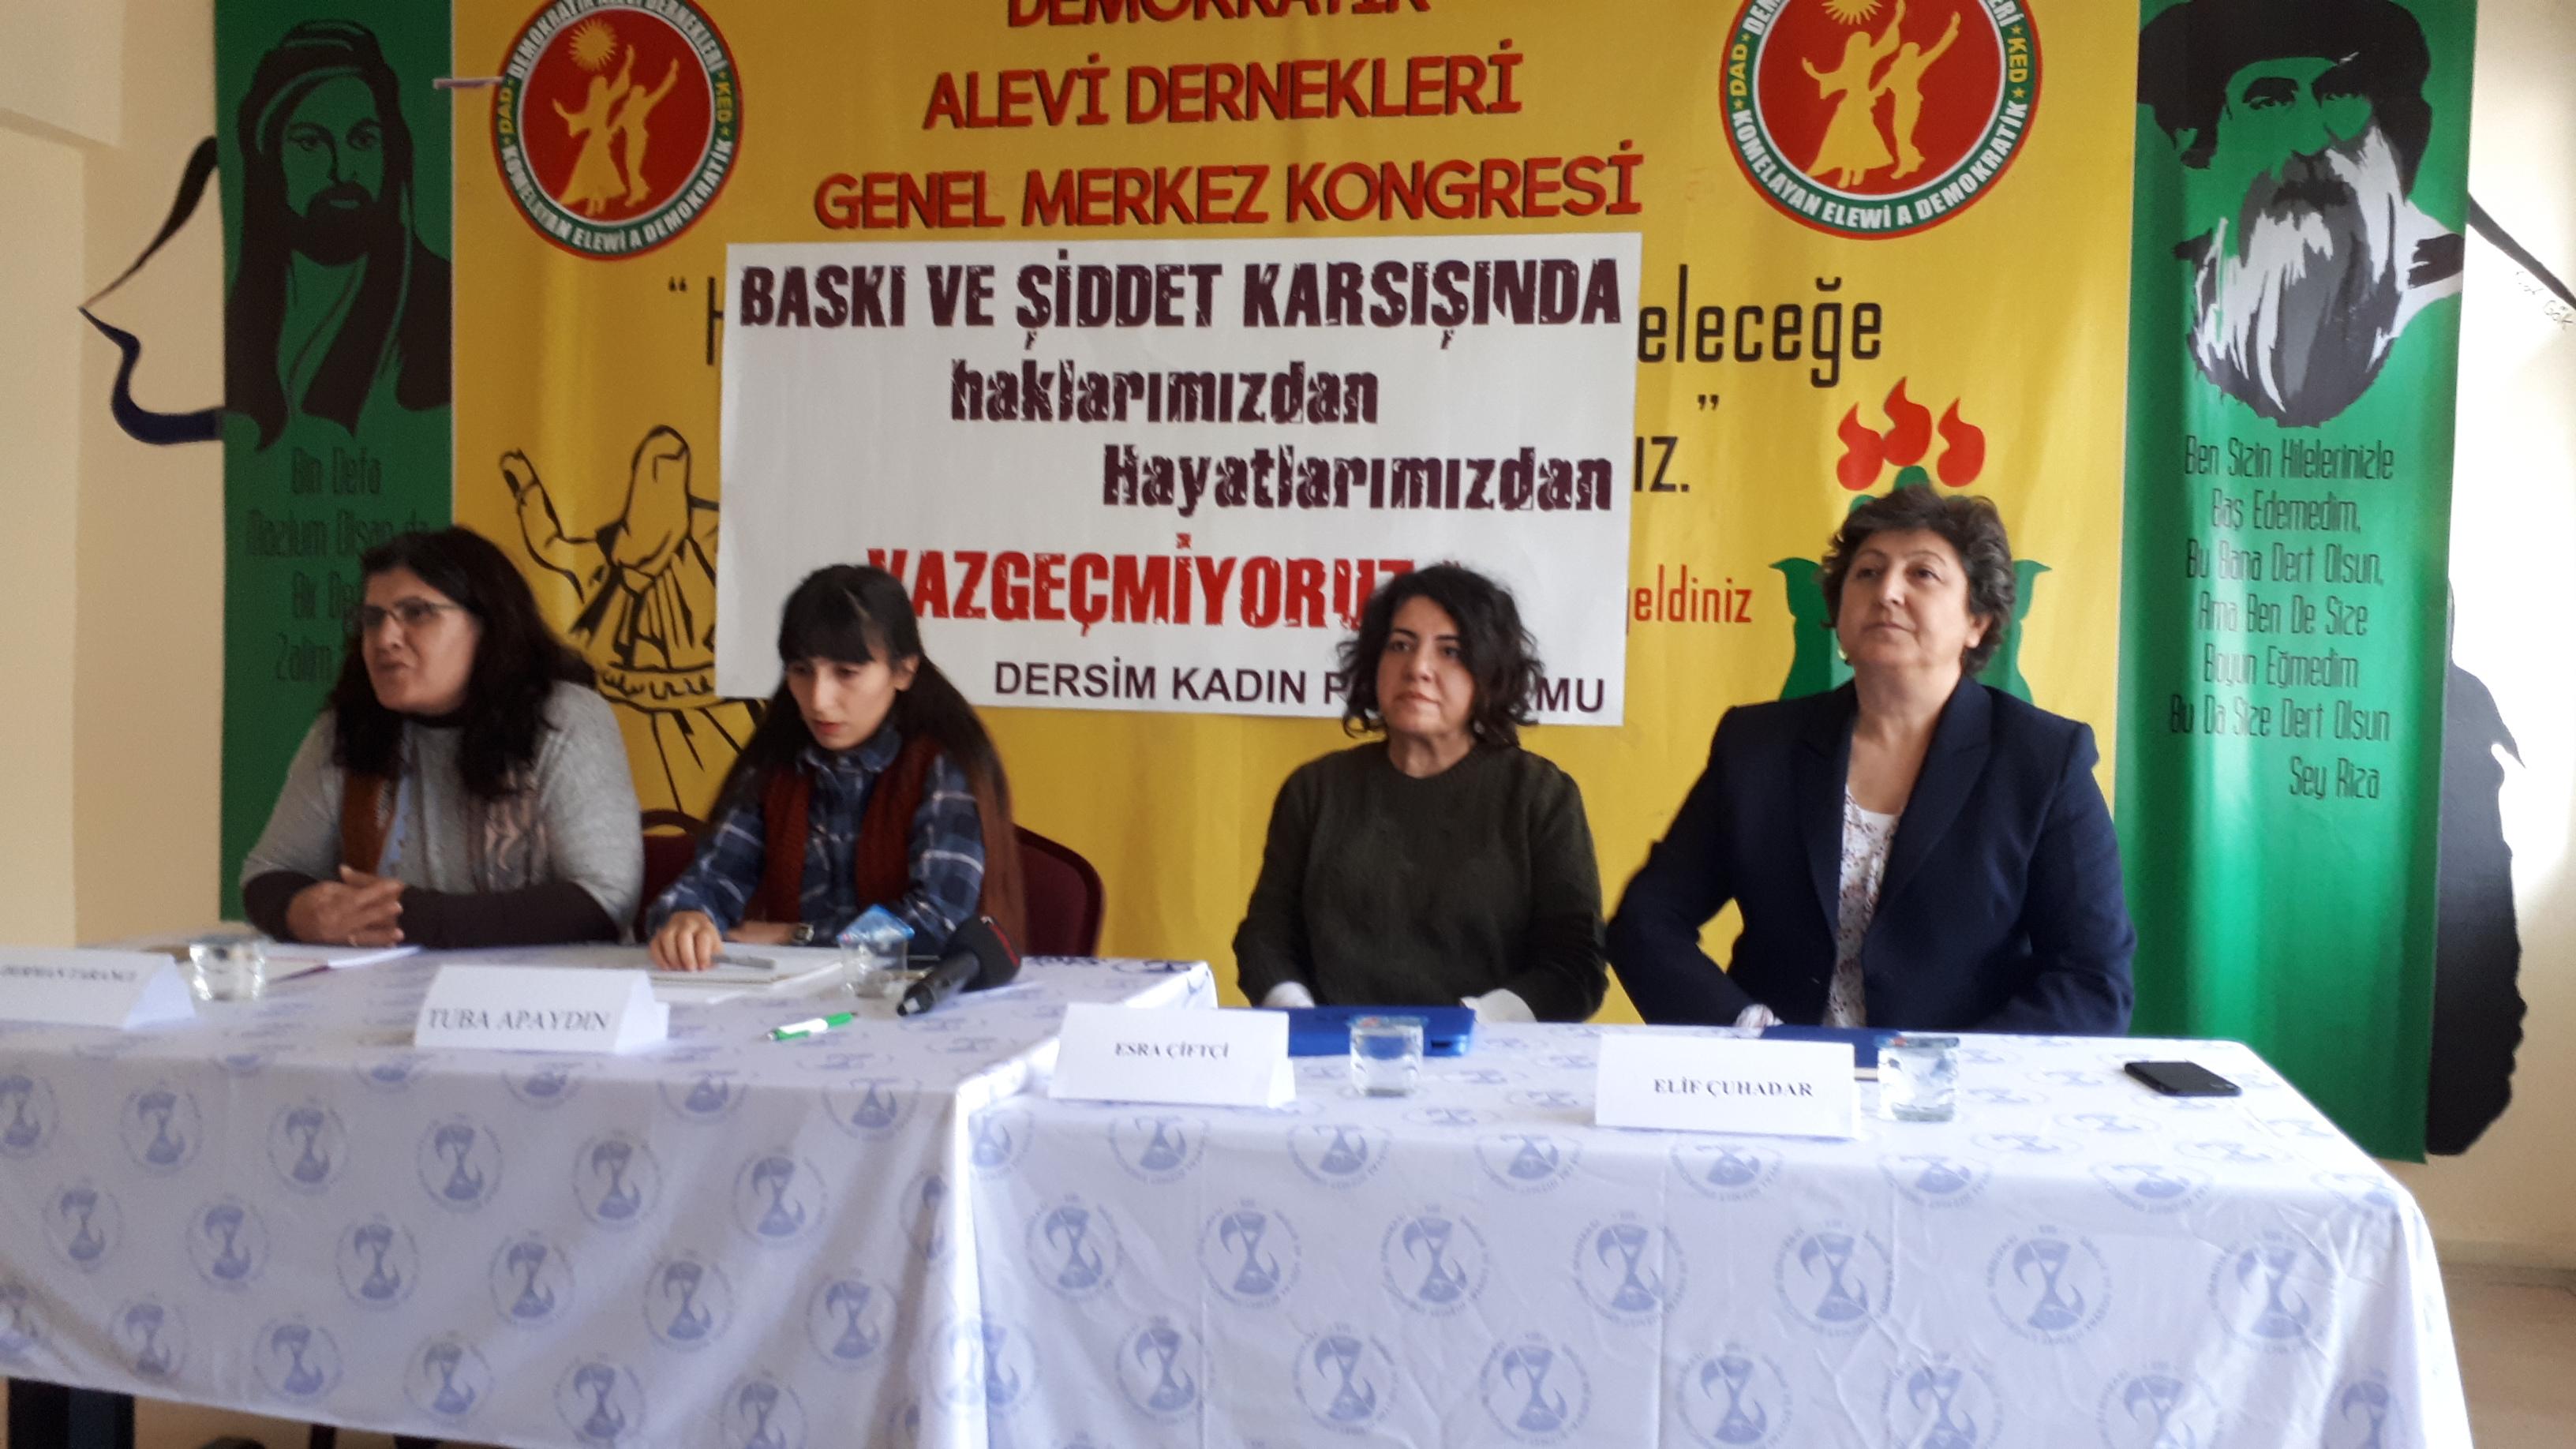 Dersim Kadın Platformu Yoksulluğa, Güvencesizliğe, Şiddete Karşı Kadın Mücadelesini Konuştu